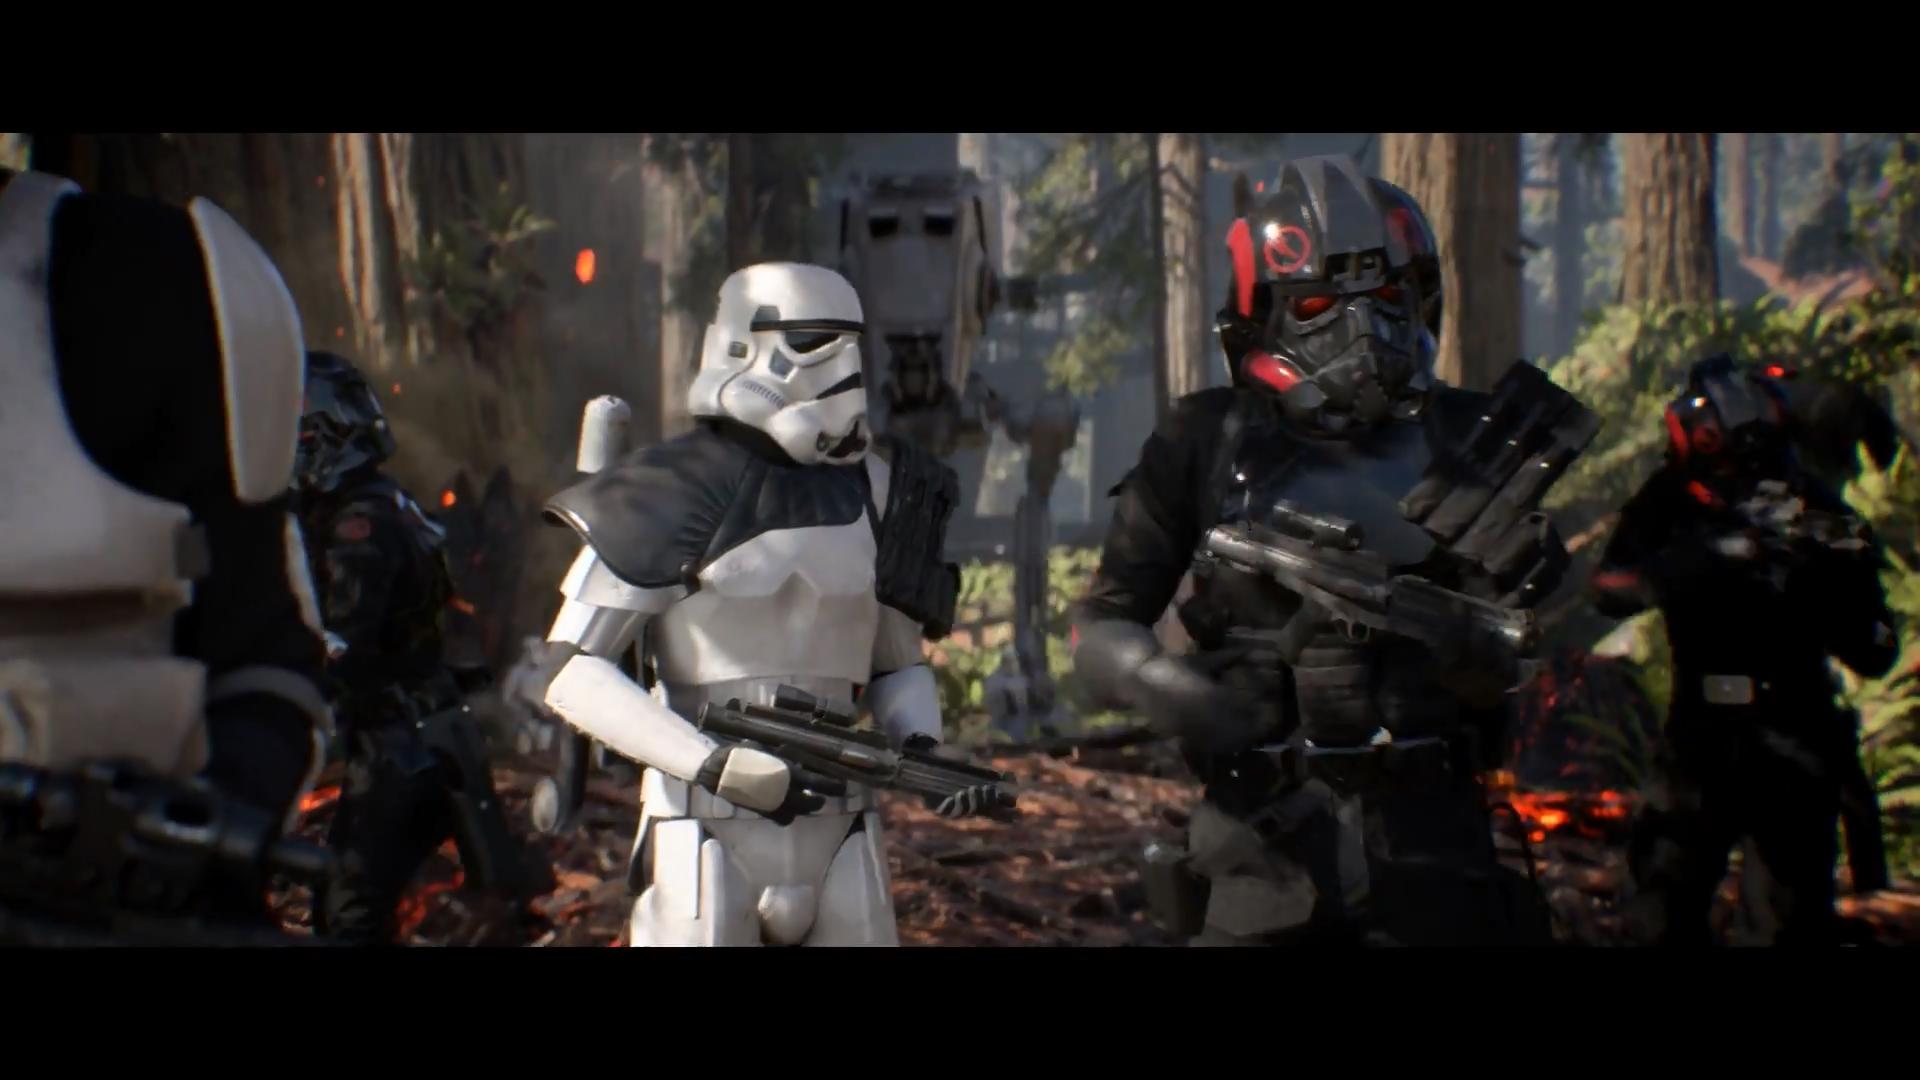 Trailer de Star Wars Battlefront II apresentado oficialmente